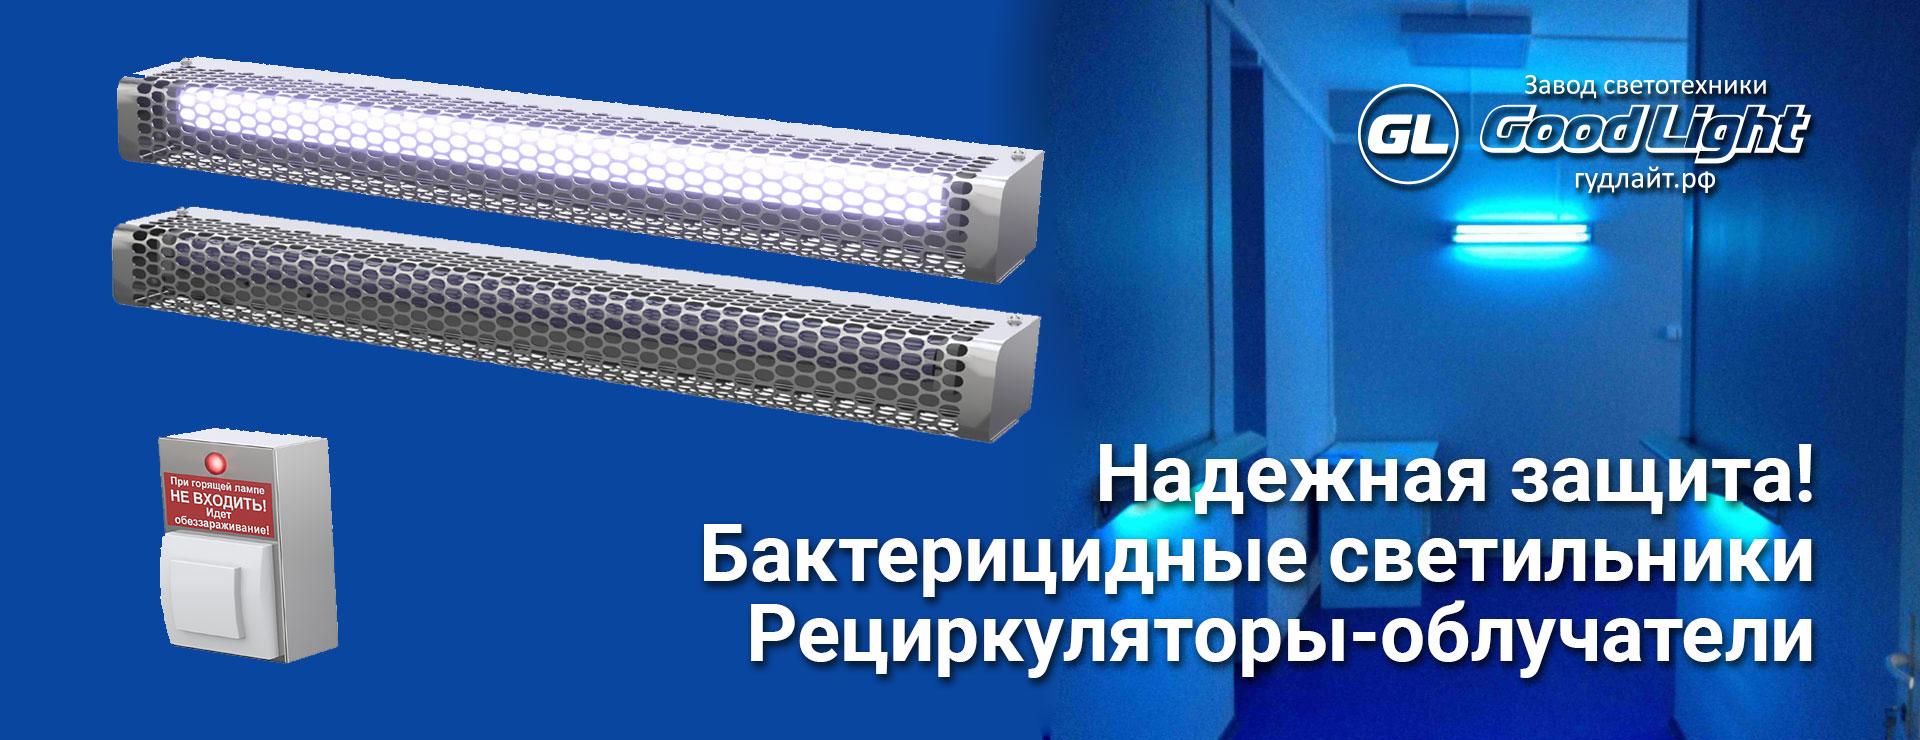 baktericidnye-svetilniki